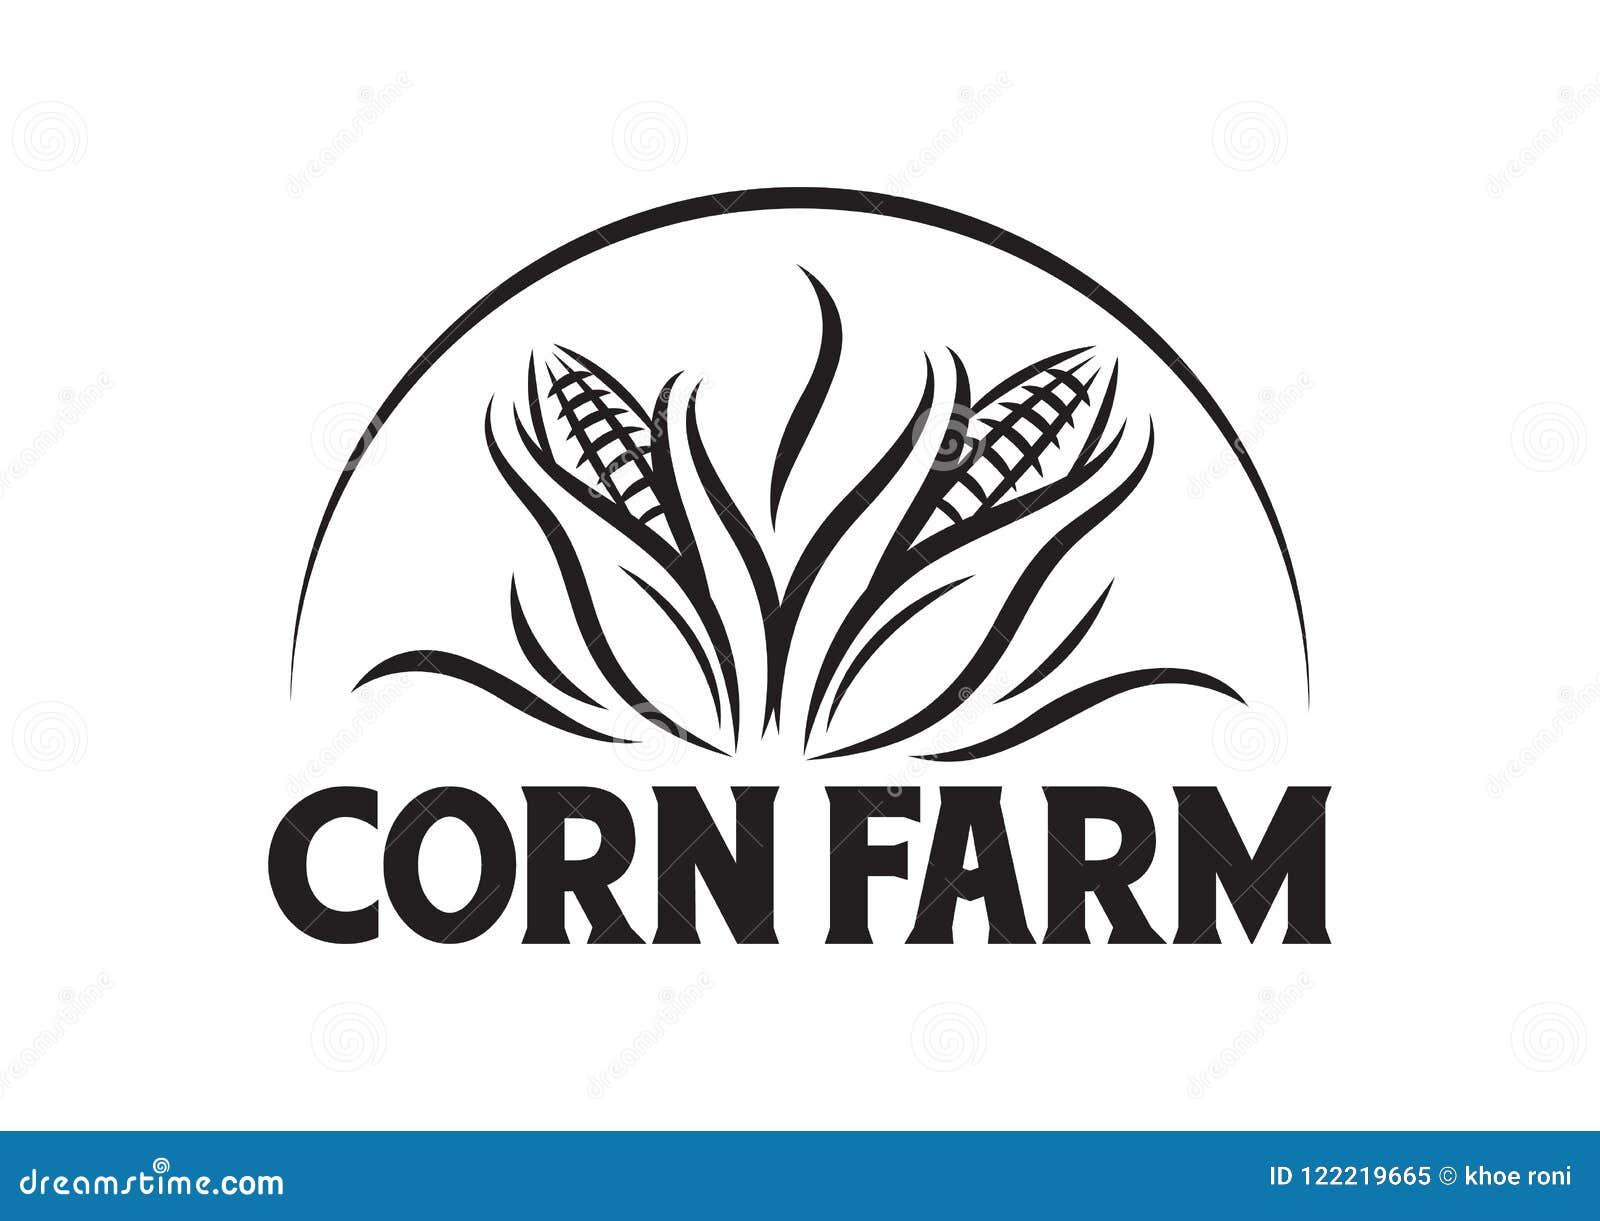 Vector Corn Farm For Company Logo Stock Vector